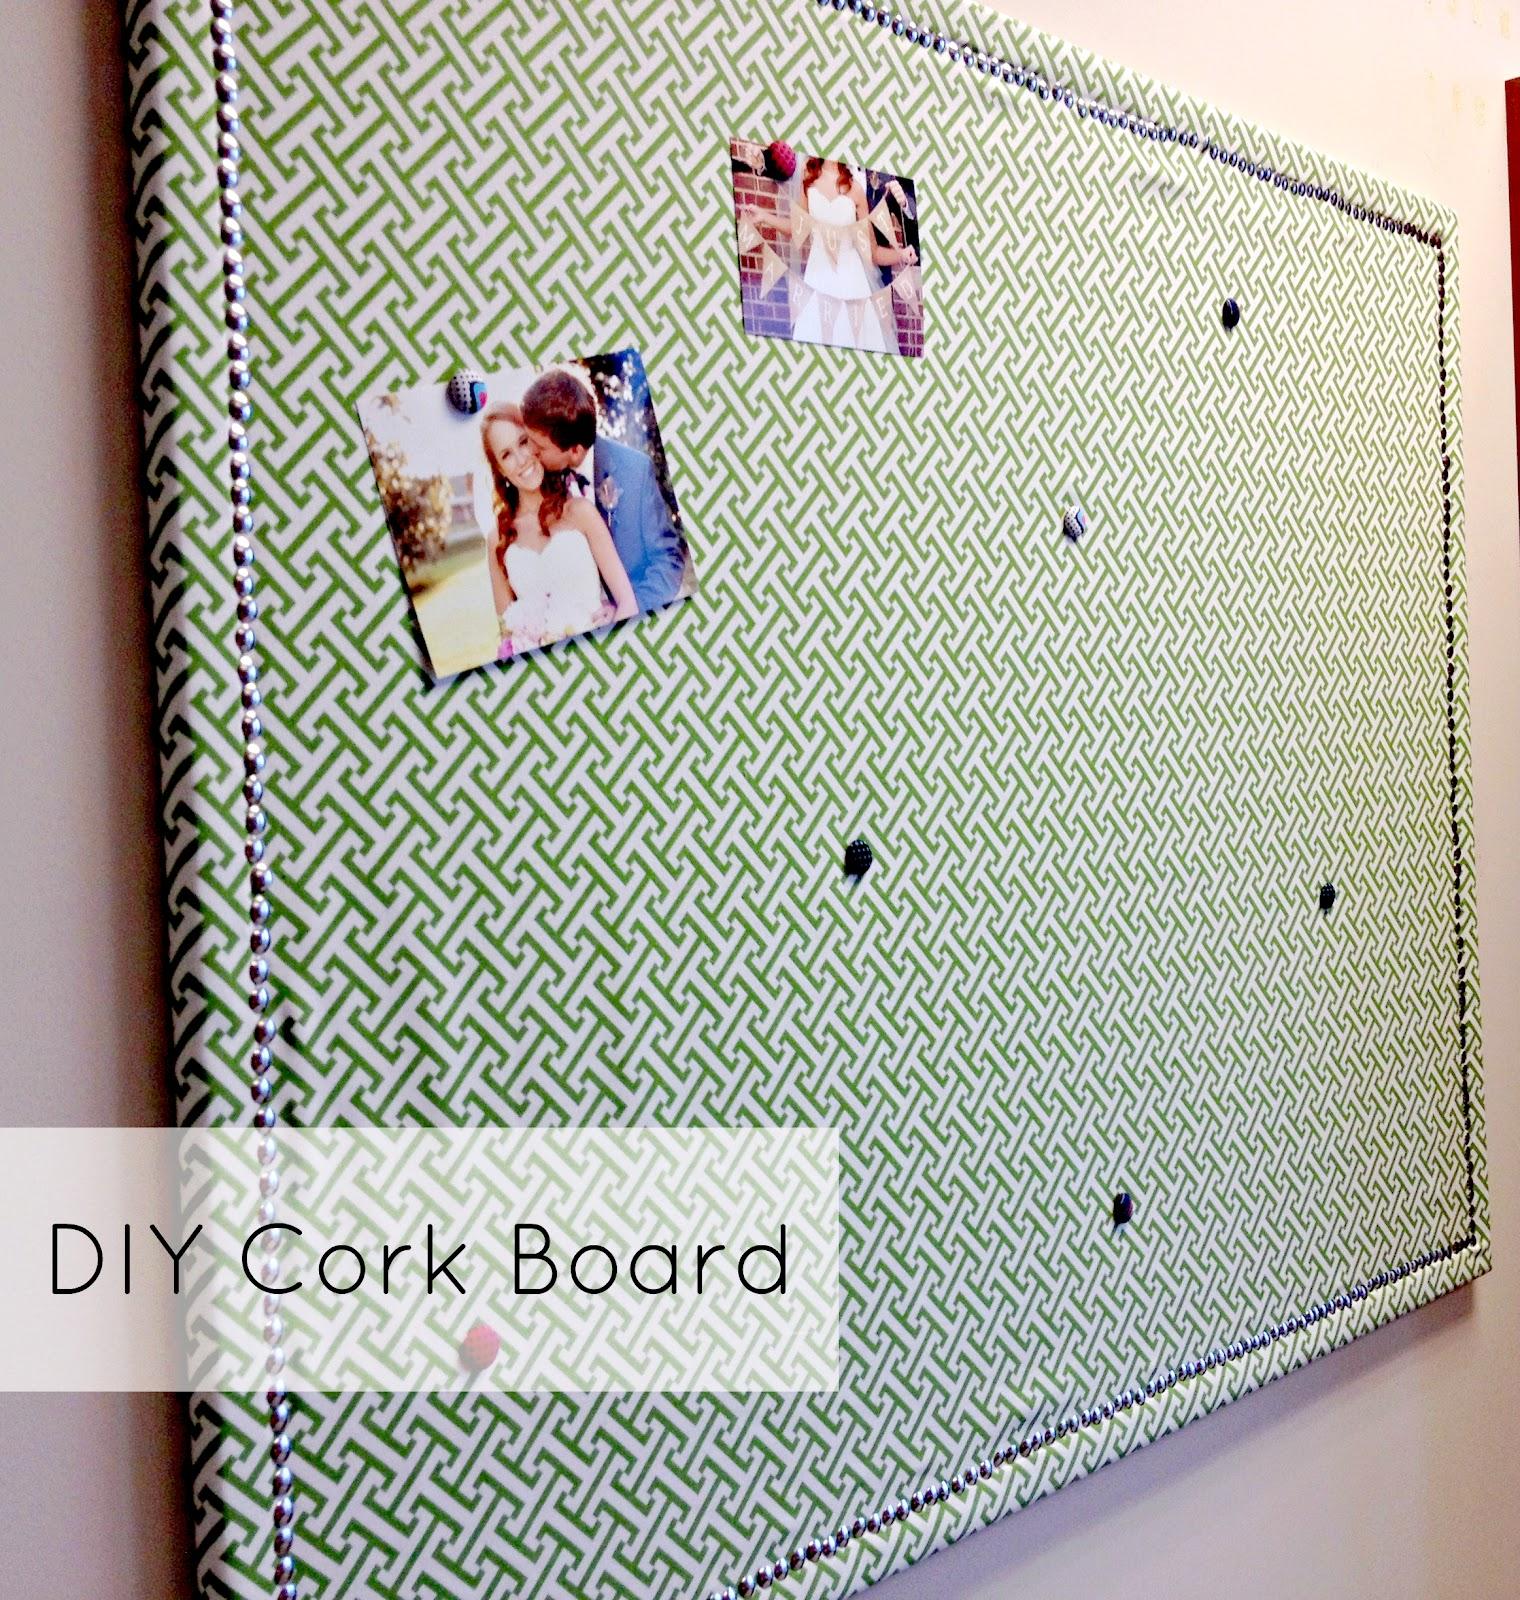 DIY Cork Board - Carolina Charm